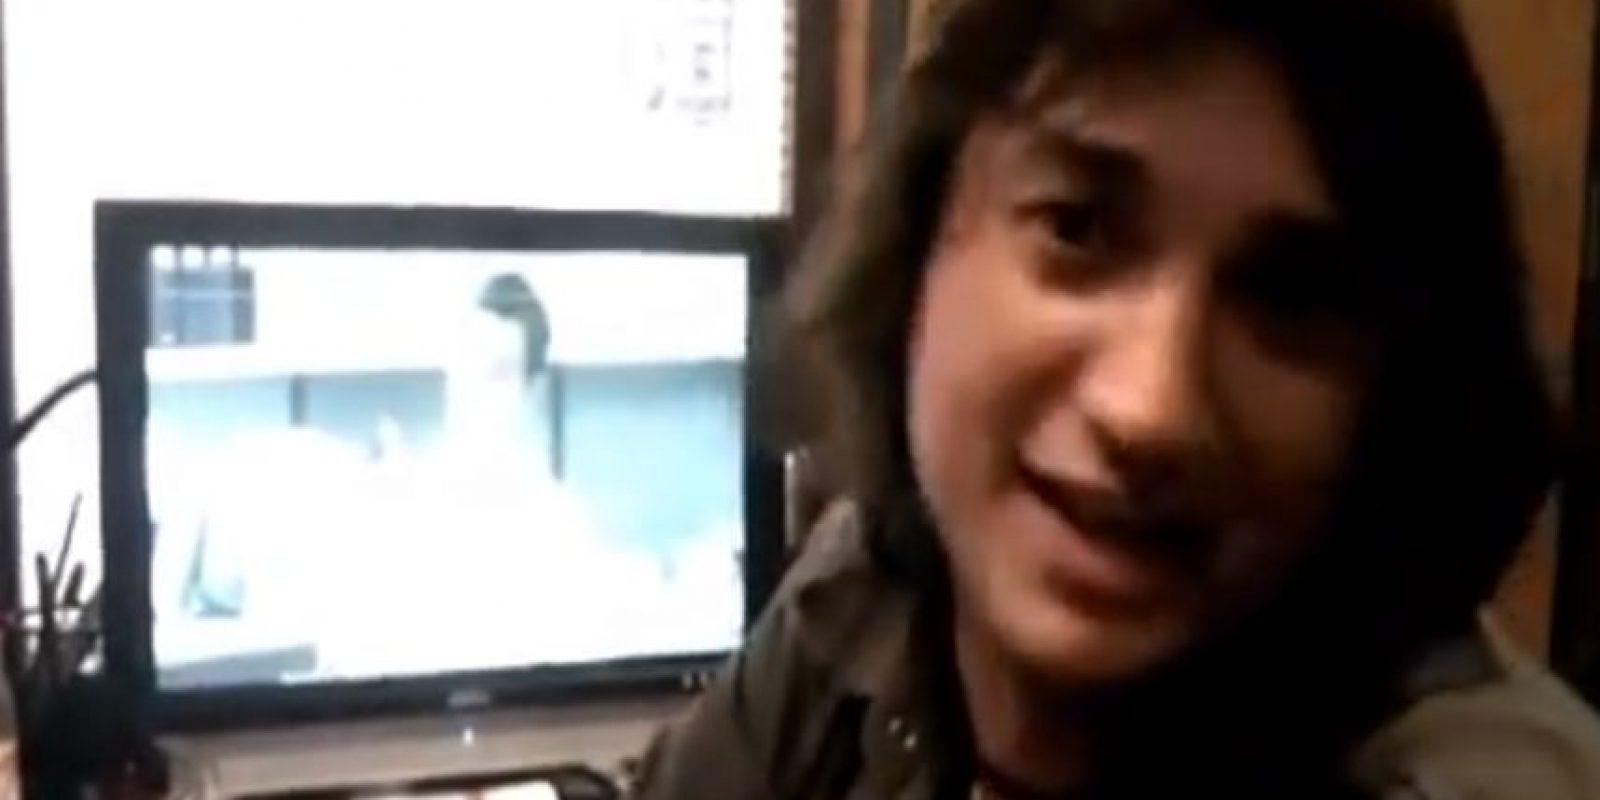 Le cerraron el canal, pero volvió en 2009. Foto:vía El Bananero/Youtube